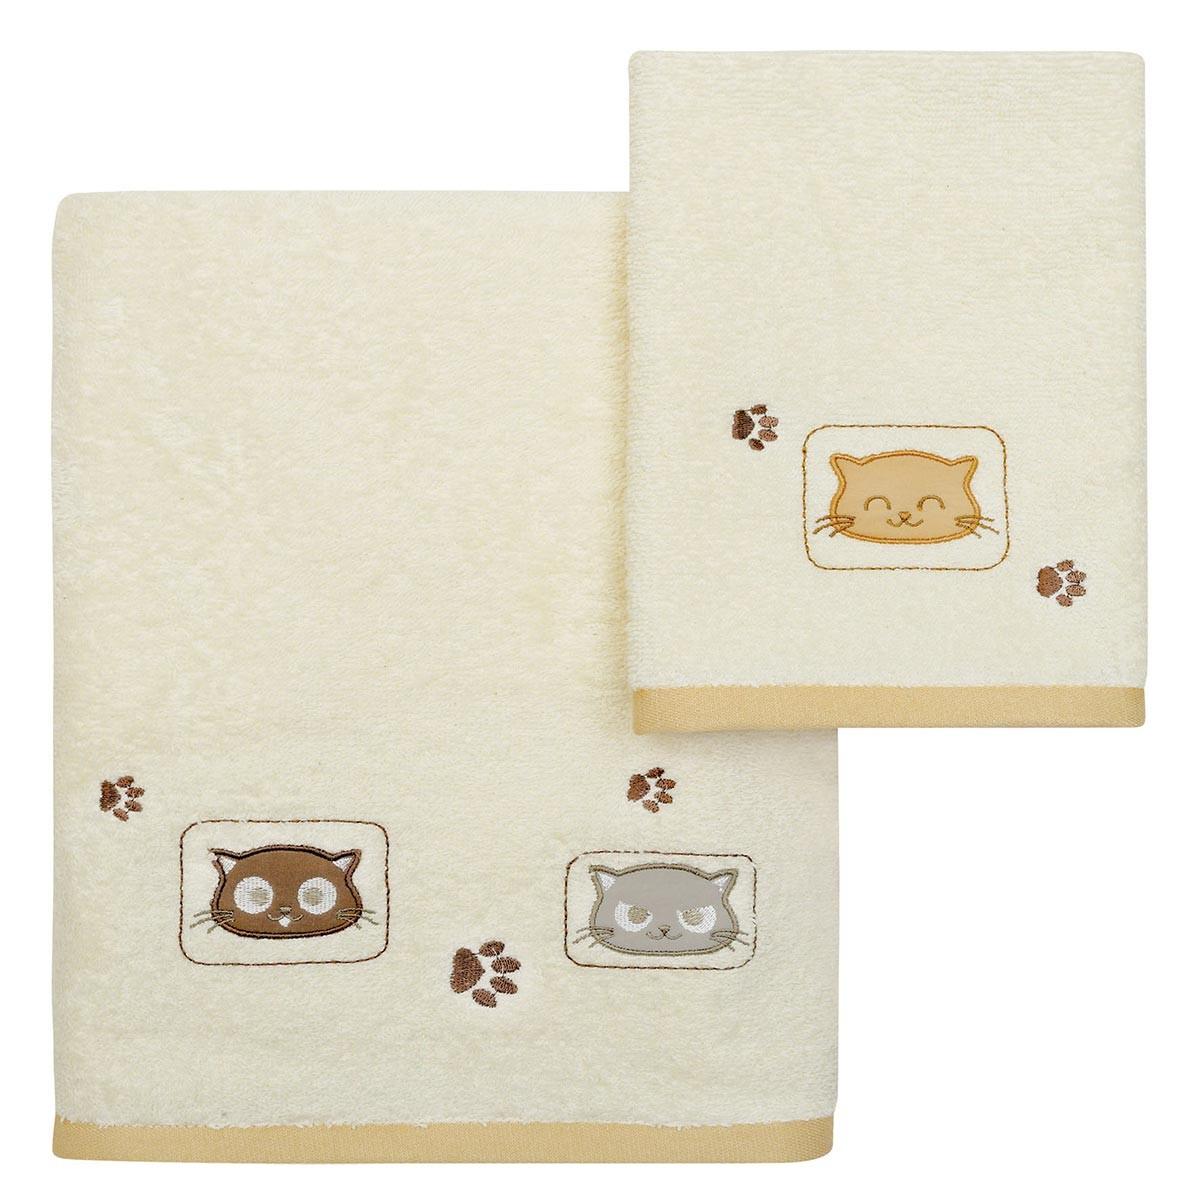 Βρεφικές Πετσέτες (Σετ 2τμχ) Das Home Fun Line 6399